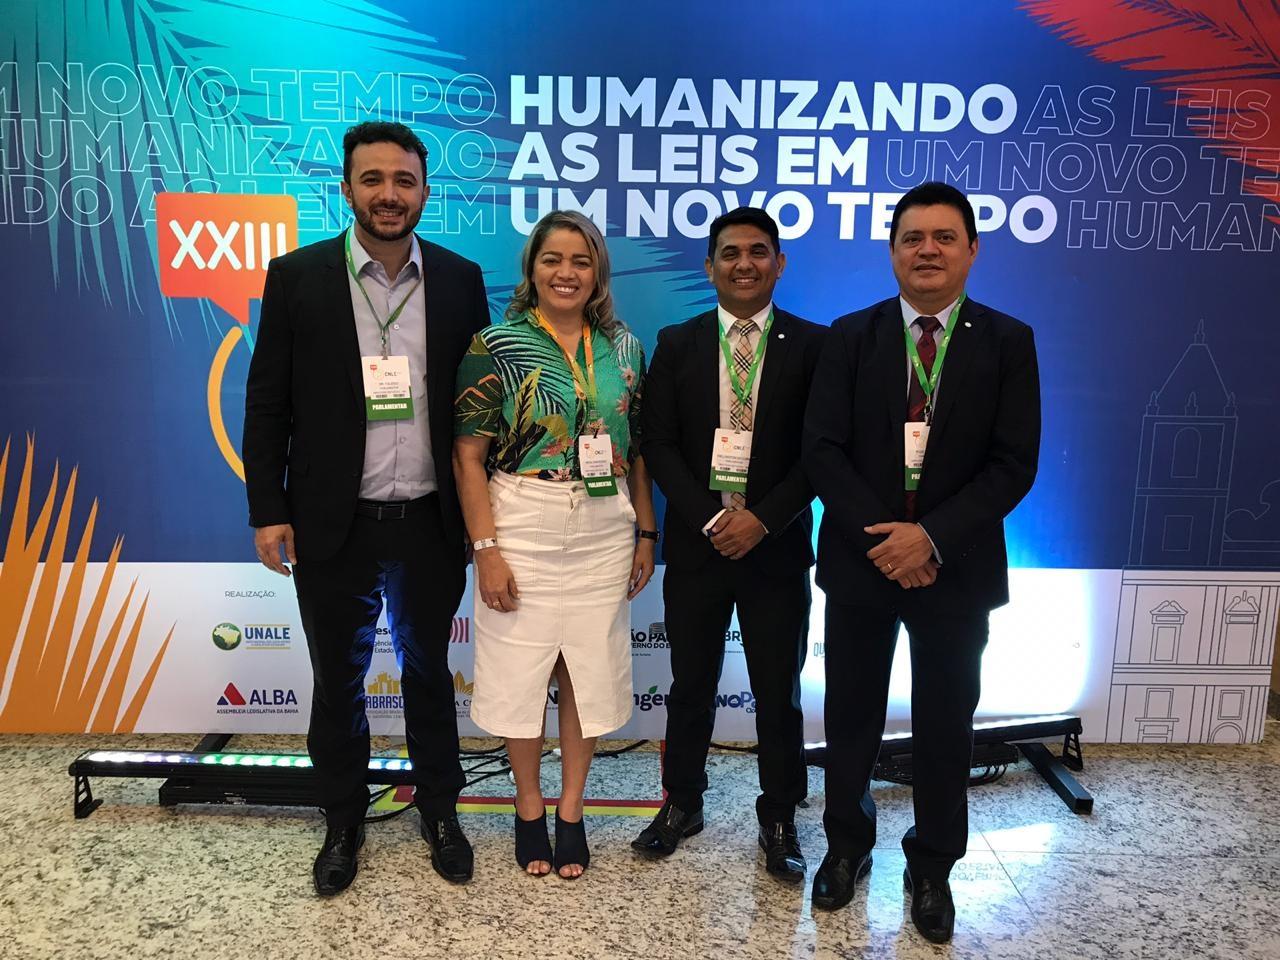 Deputados Yglésio, Mical Damasceno, Wellington do Curso e Rigo Teles, na conferência da Unale, em Salvador